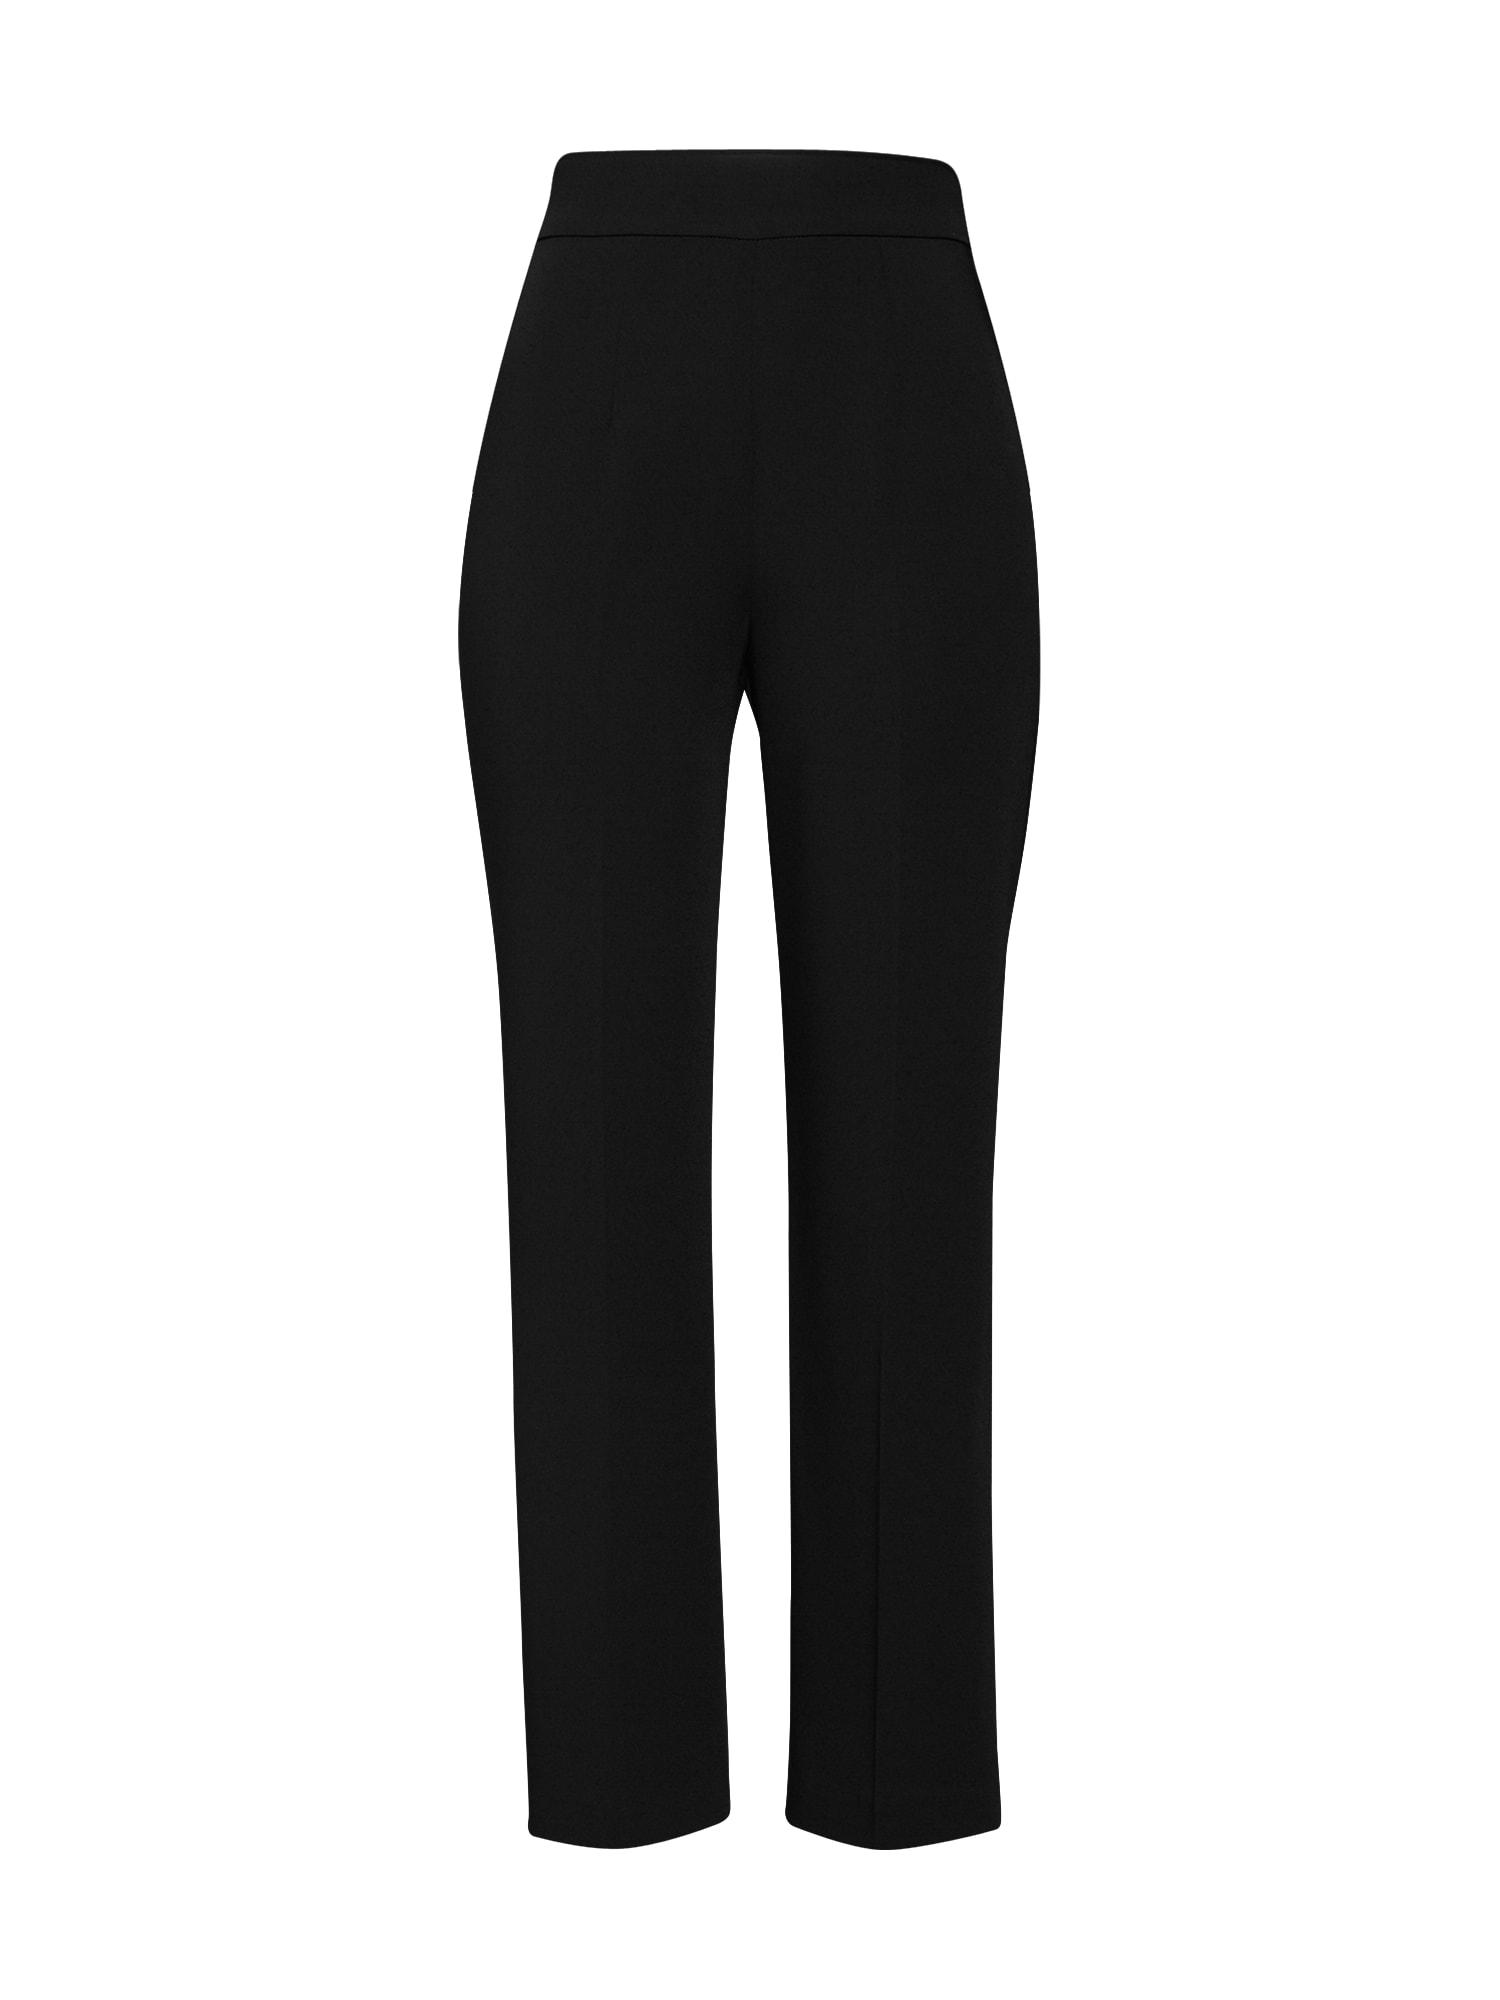 Kalhoty s puky Anne černá EDITED